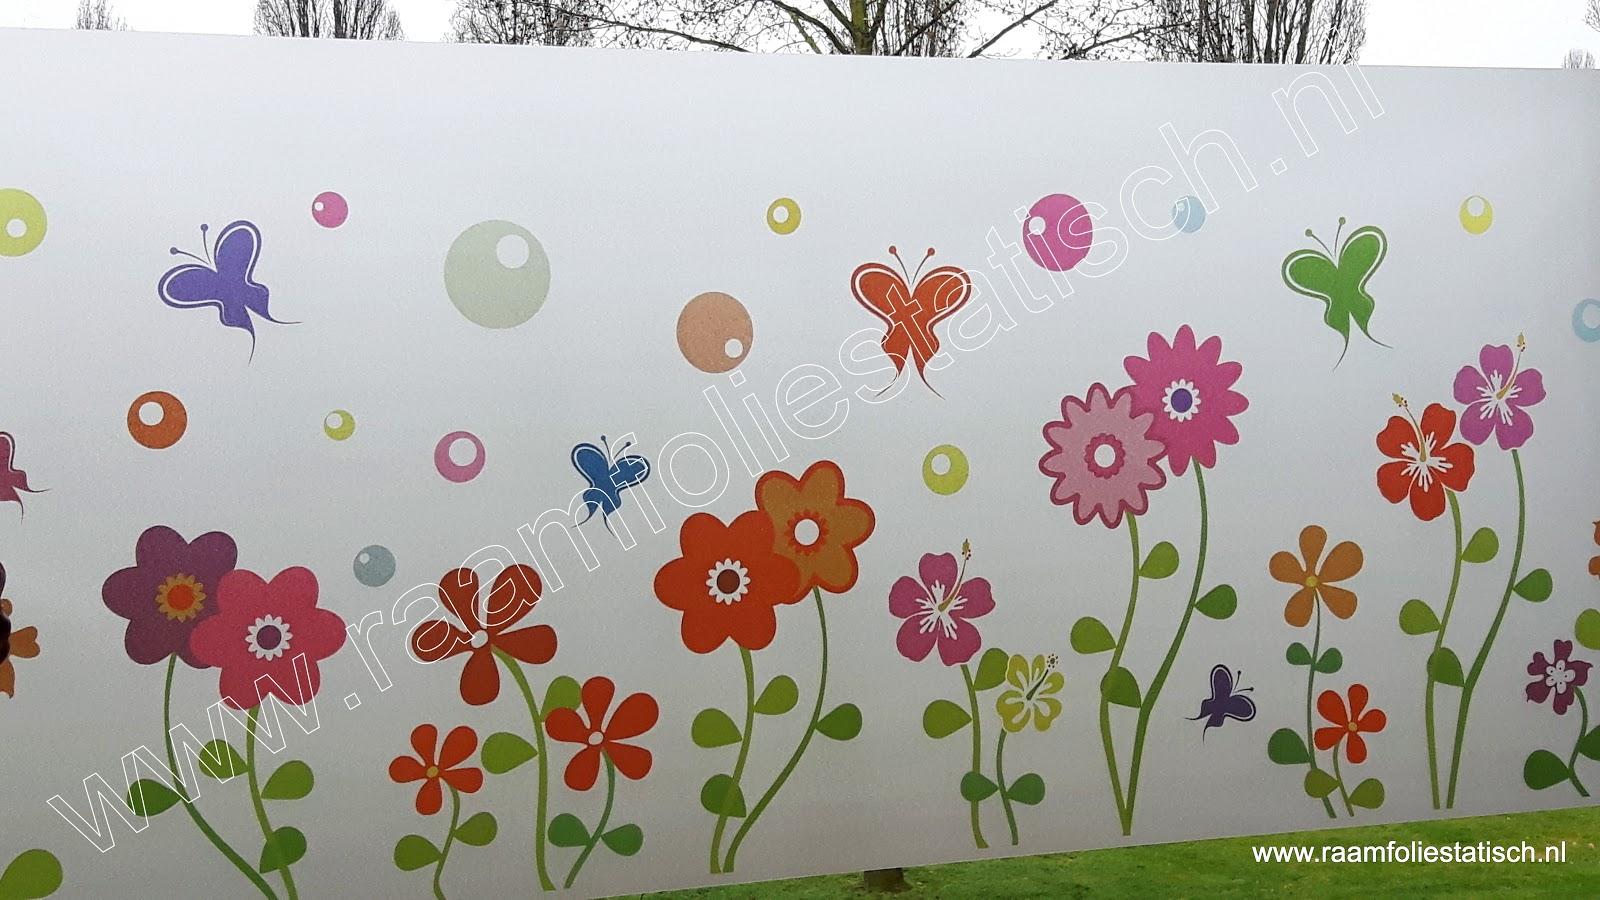 Statische raamfolie bloemen en vlinders kleur kopen?